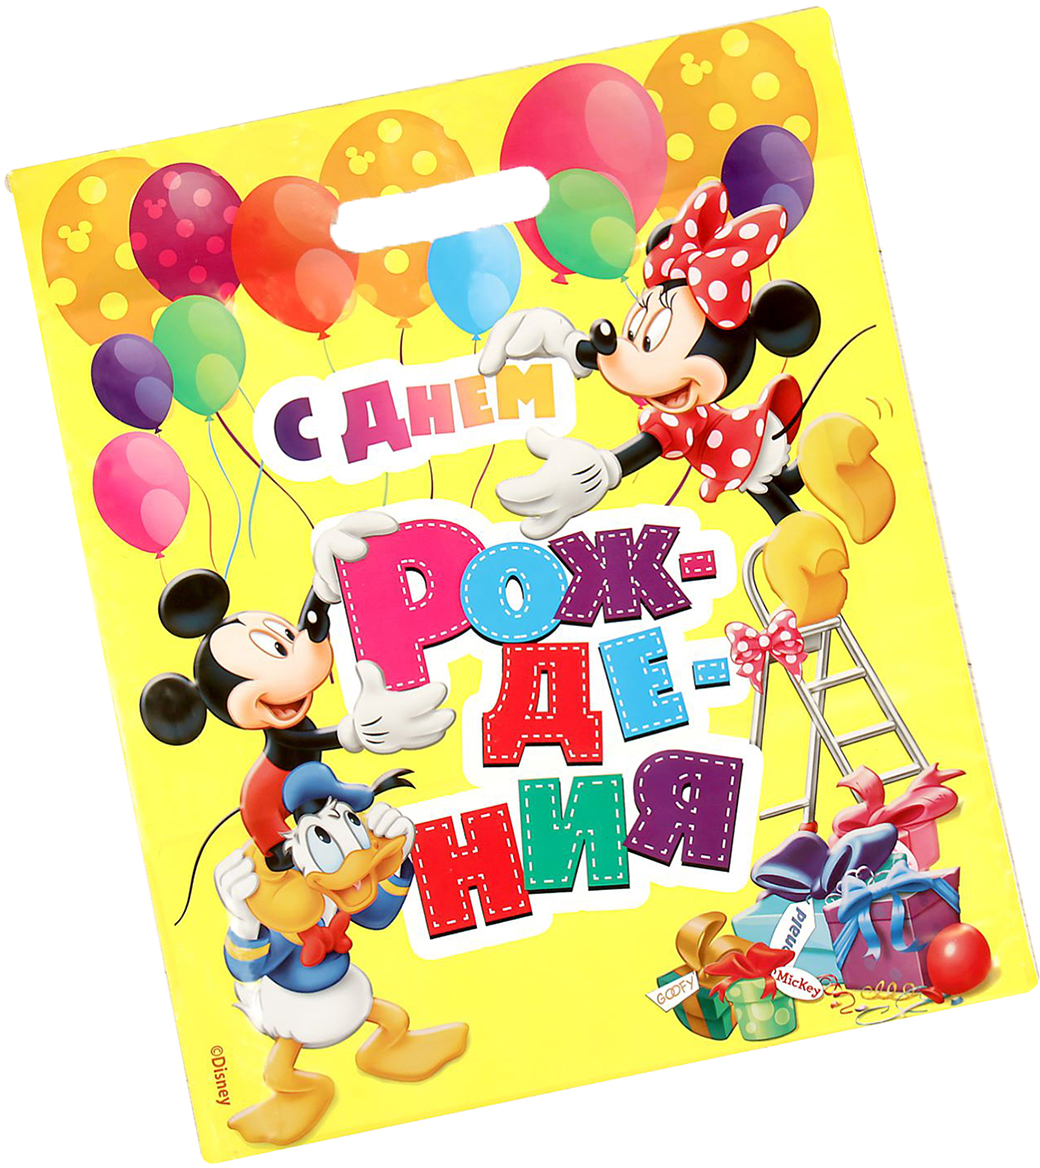 Пакет подарочный Disney Микки Маус и друзья. С днем рождения, цвет: мультиколор, 34 х 40 см. 2333376 пакет подарочный disney софия прекрасная самая милая цвет мультиколор 18 х 10 х 23 см 2019723